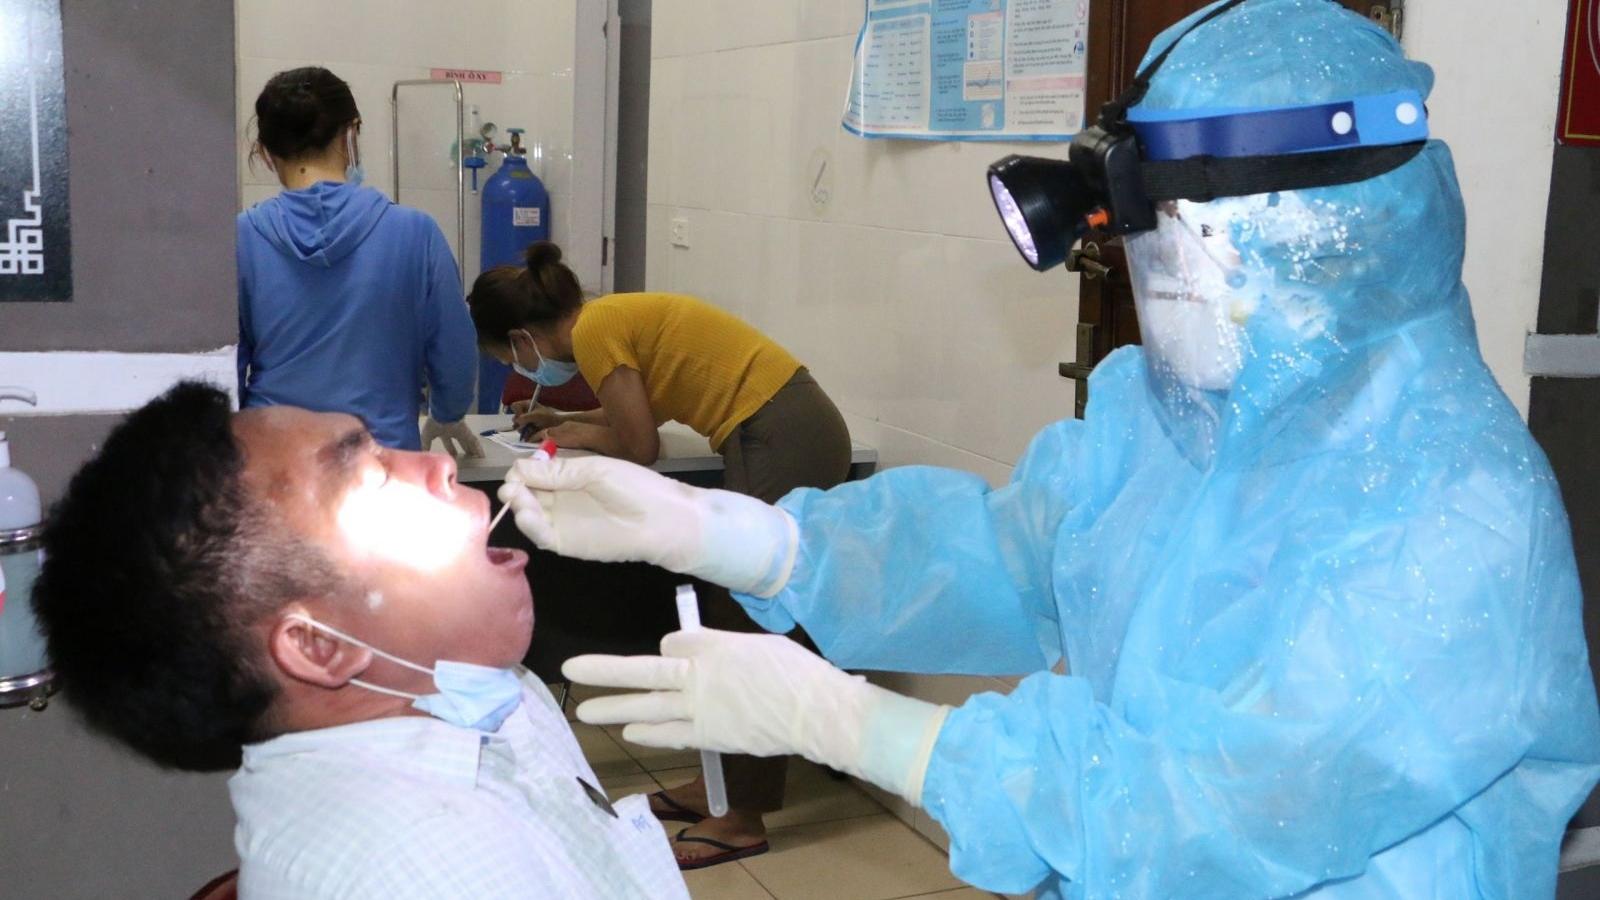 Toàn bộ F1 của 2 bệnh nhân ở Hà Tĩnh âm tính lần 2 với virus SARS-CoV-2